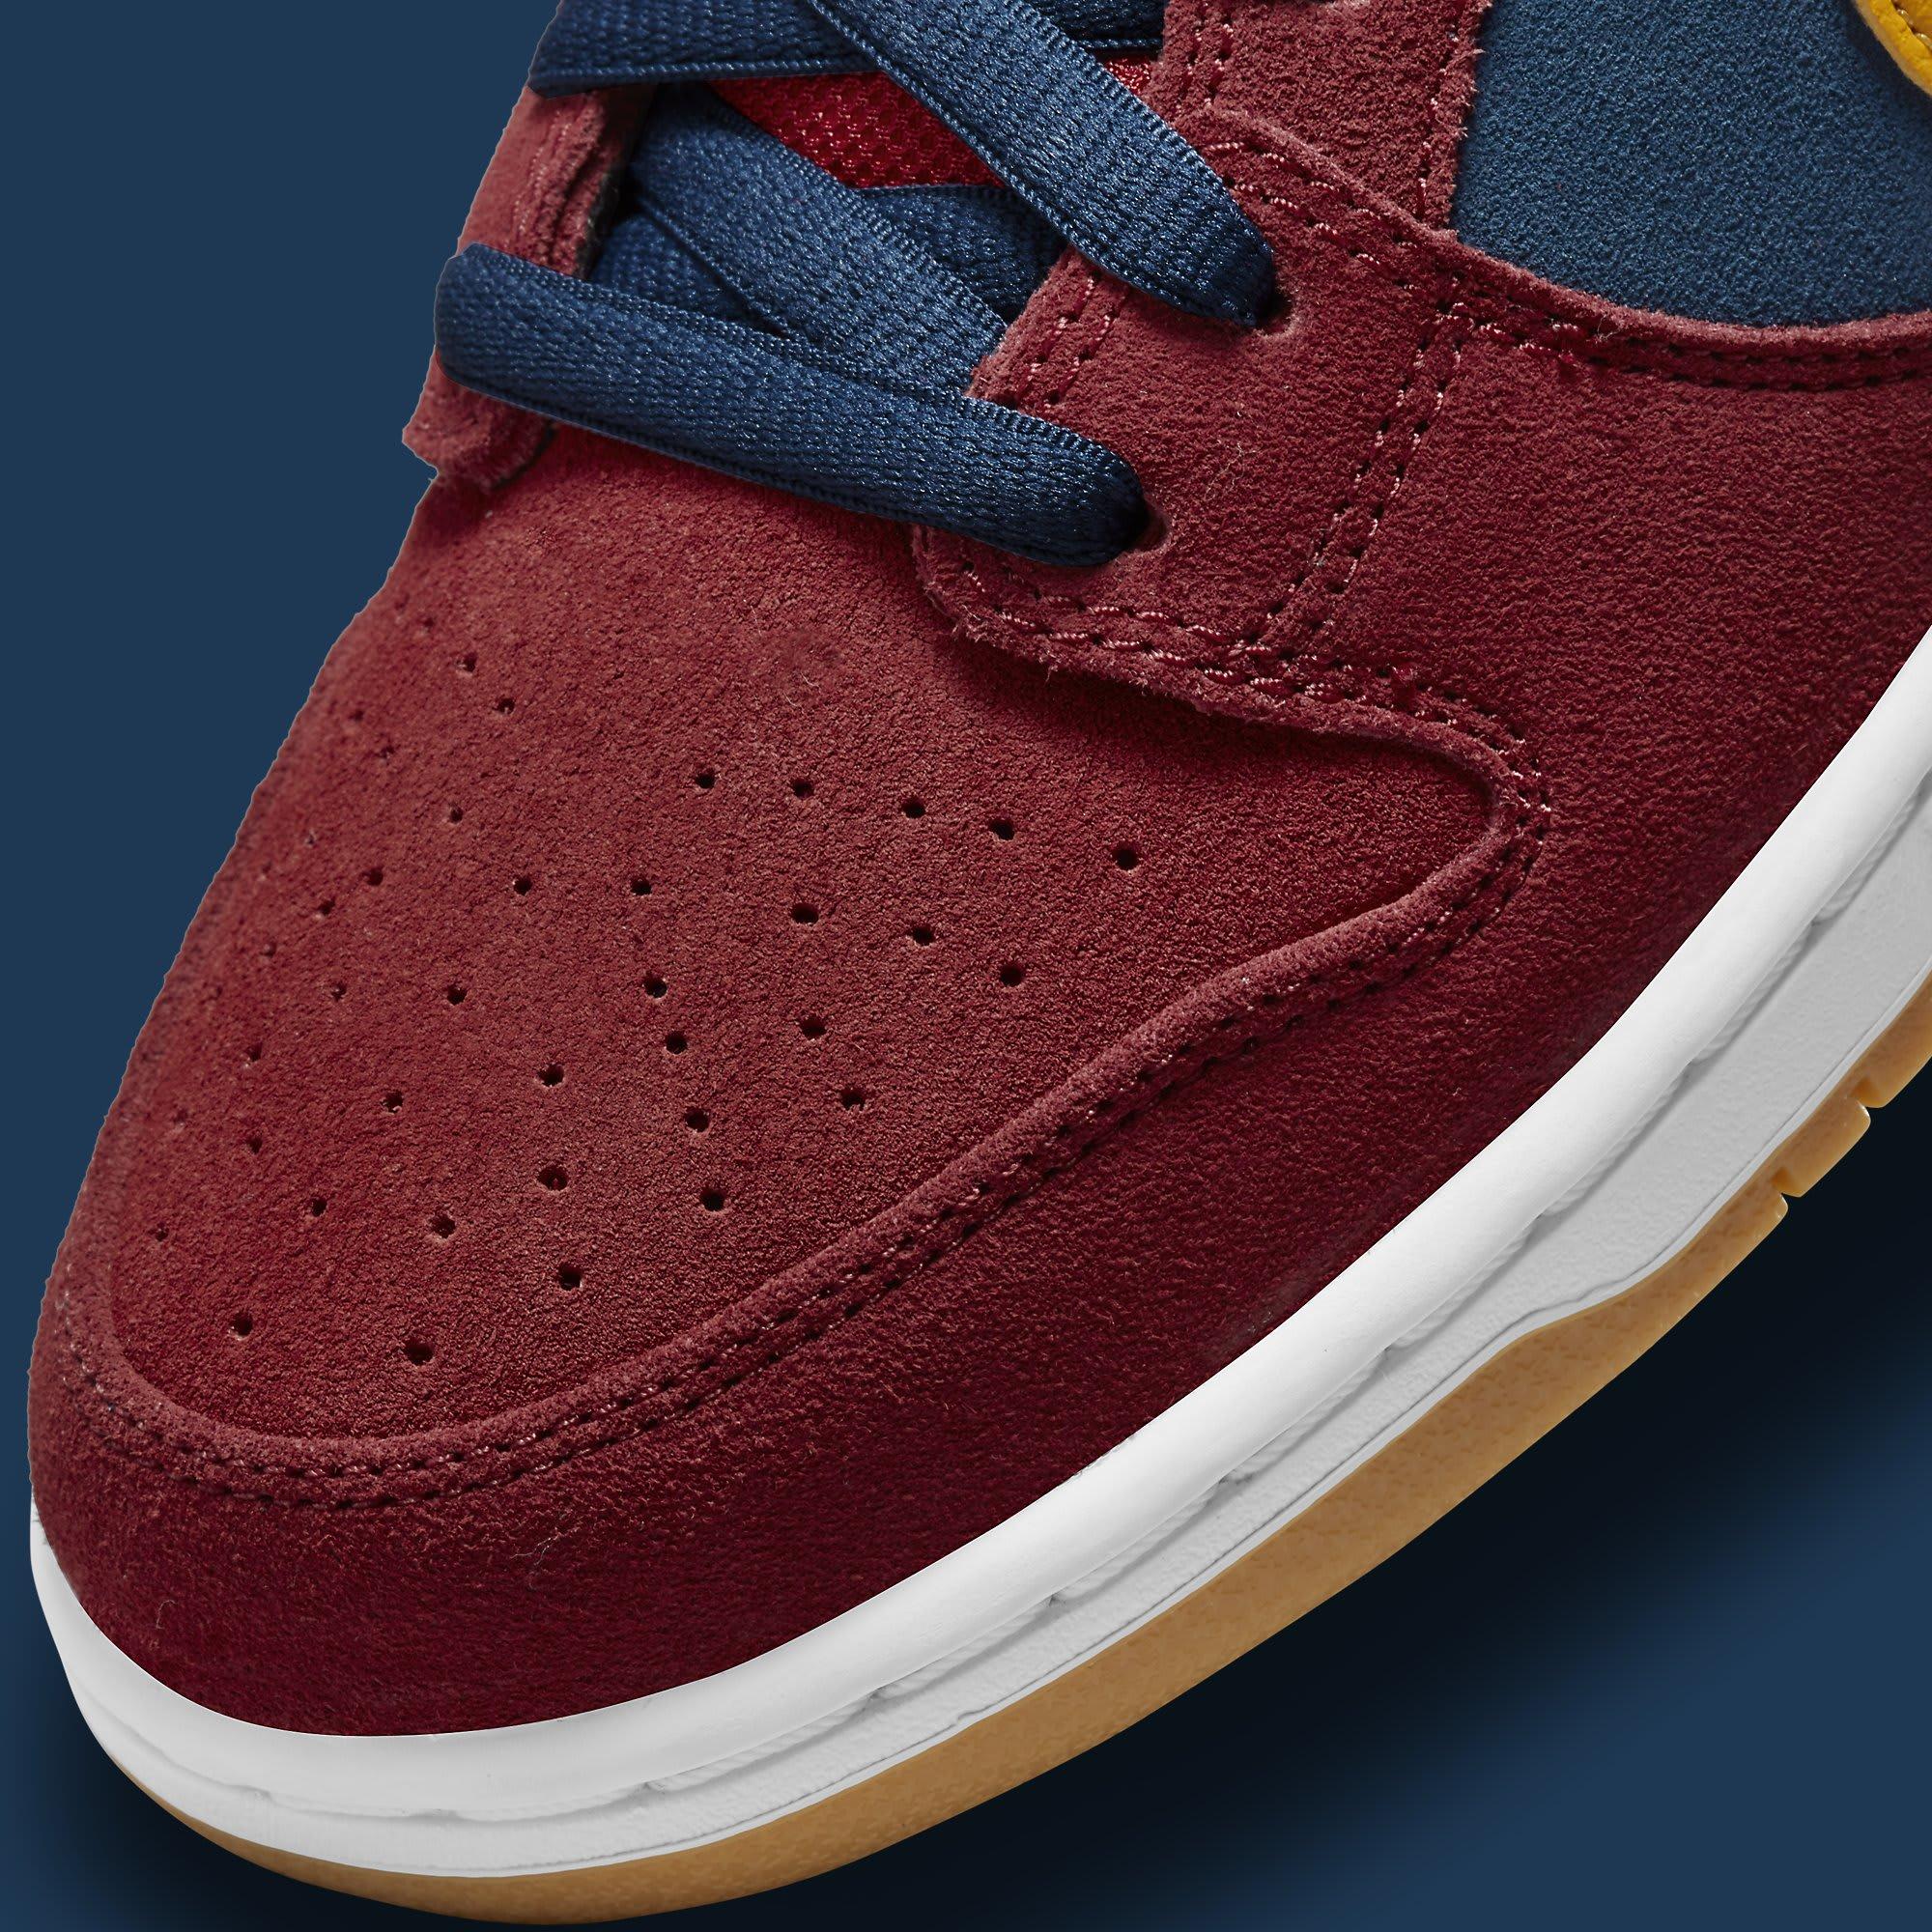 Nike SB Dunk Low Barcelona Release Date DJ0606-400 Toe